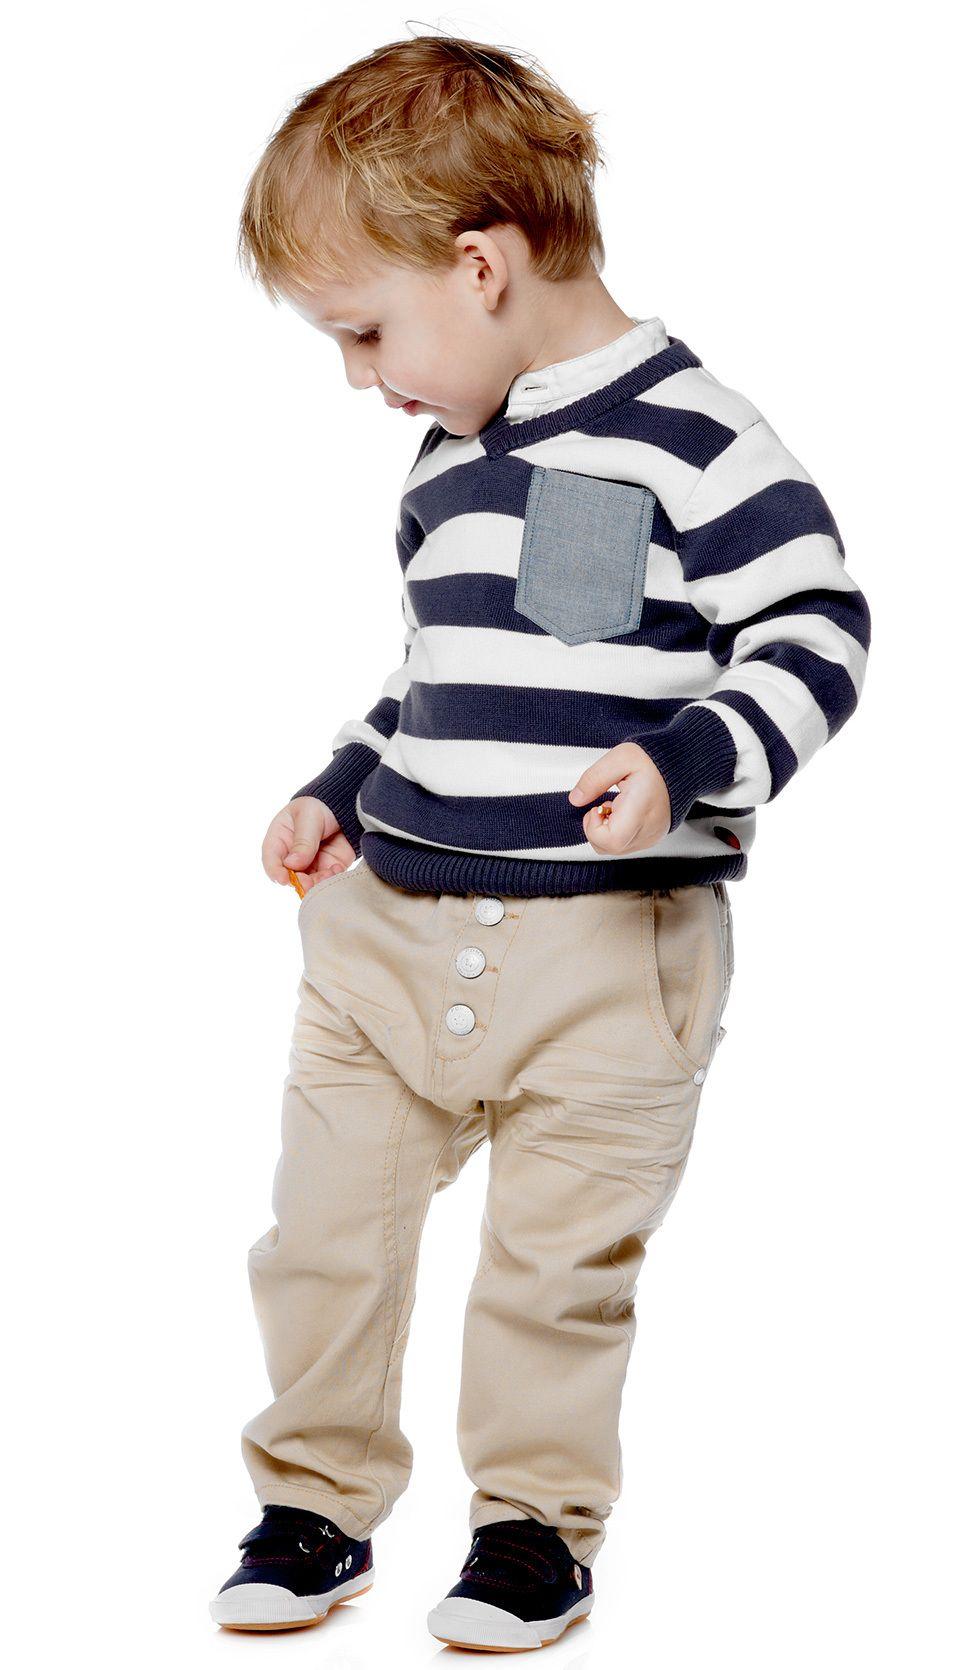 Coole Kinderkleding.Pompdelux Coole Kinderkleding Niet Supergoedkoop Maar Ook Zeker